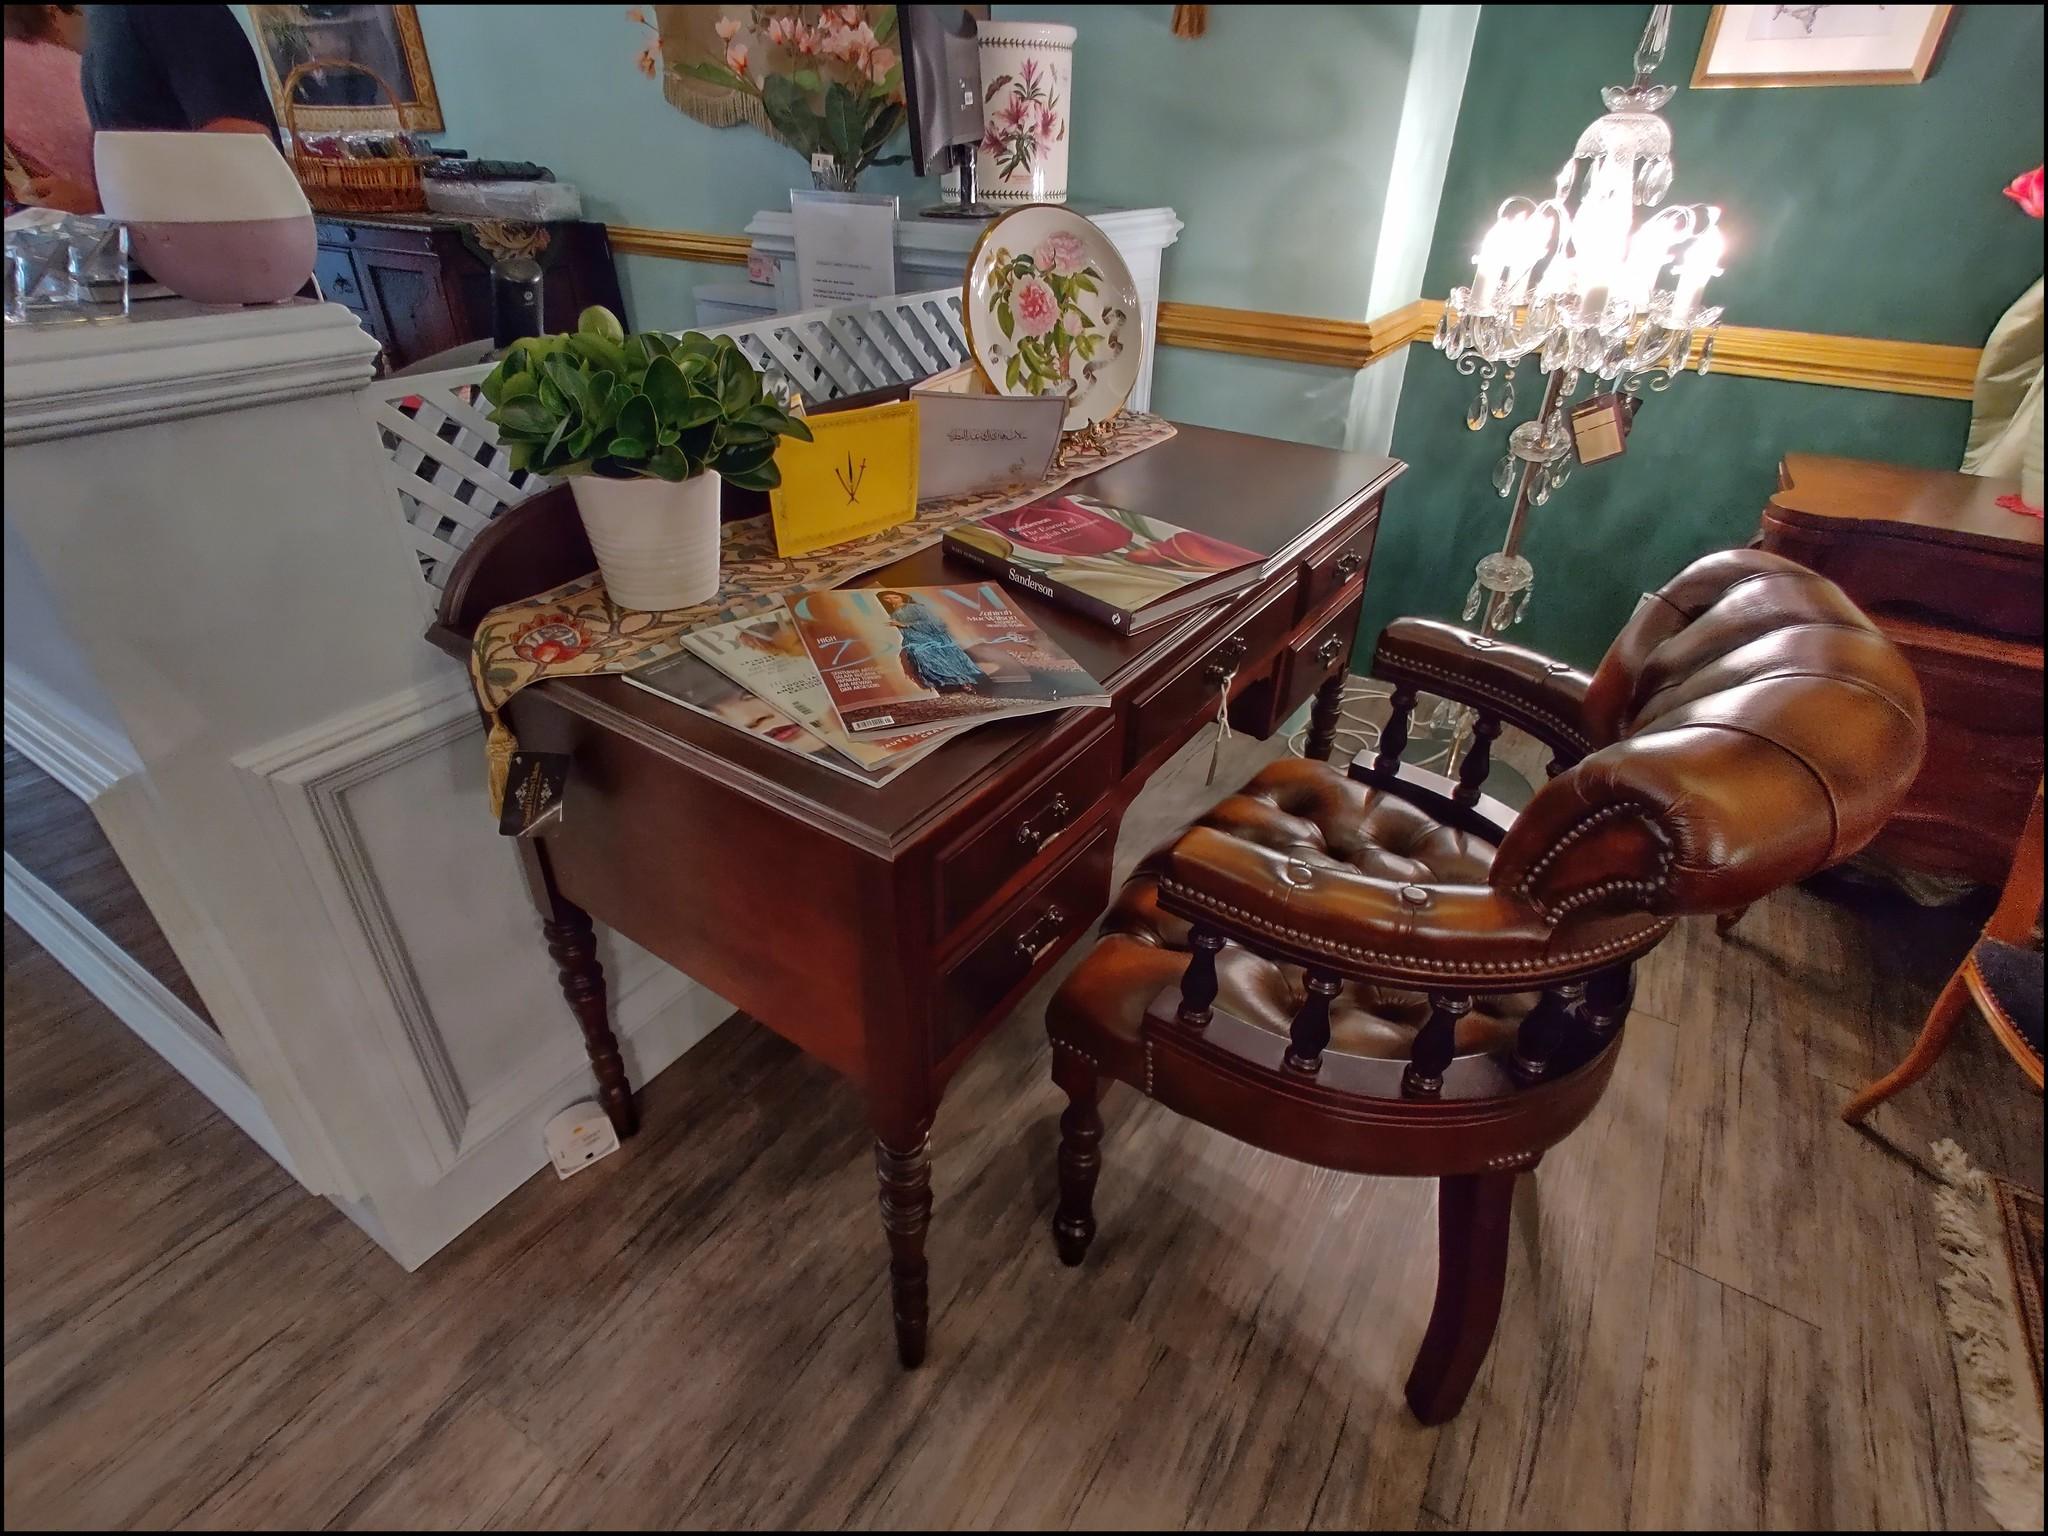 I love that desk!